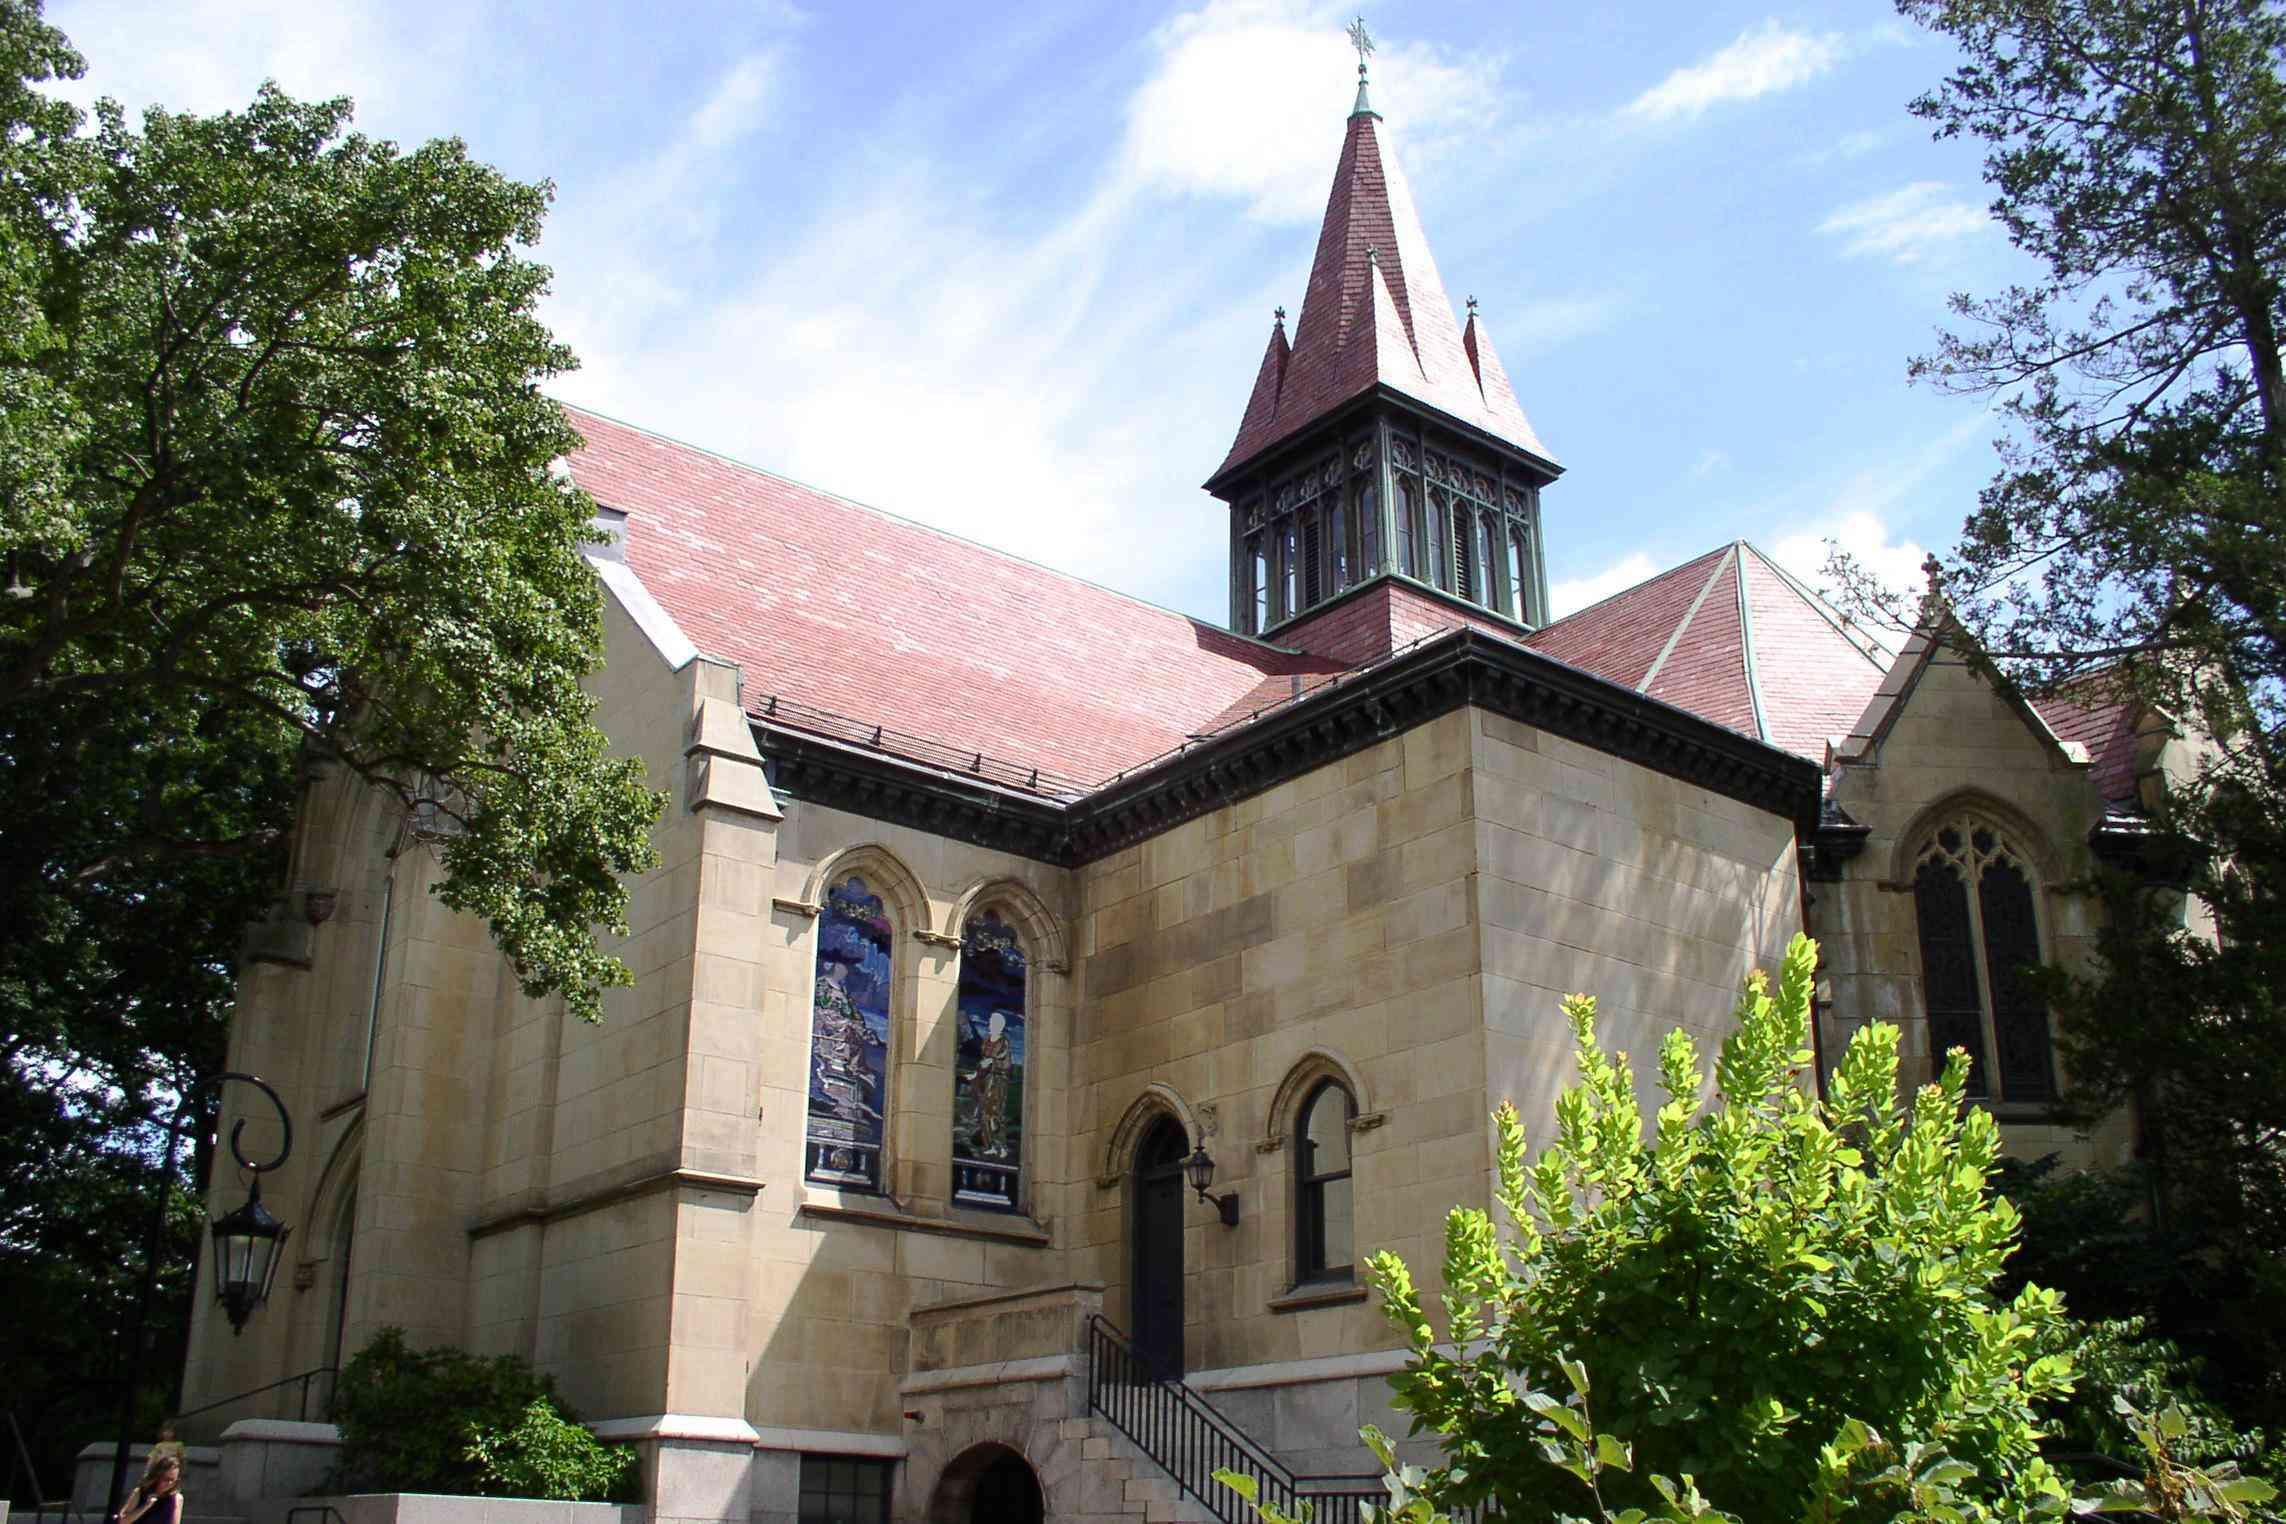 The Wellesley Chapel